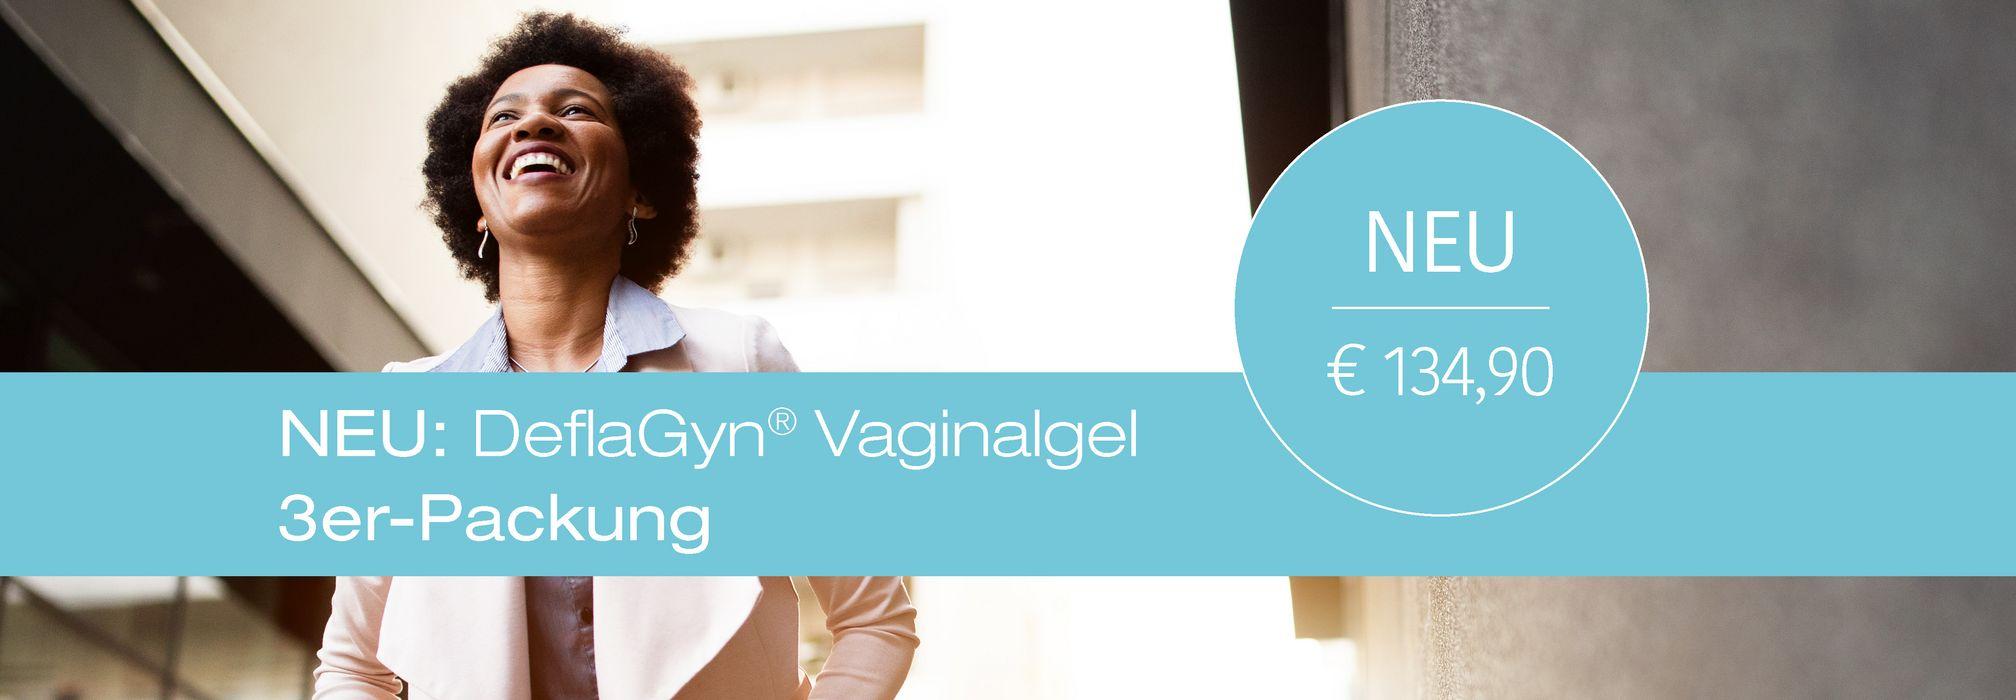 DeflaGyn Vaginalgel 3er-Packung